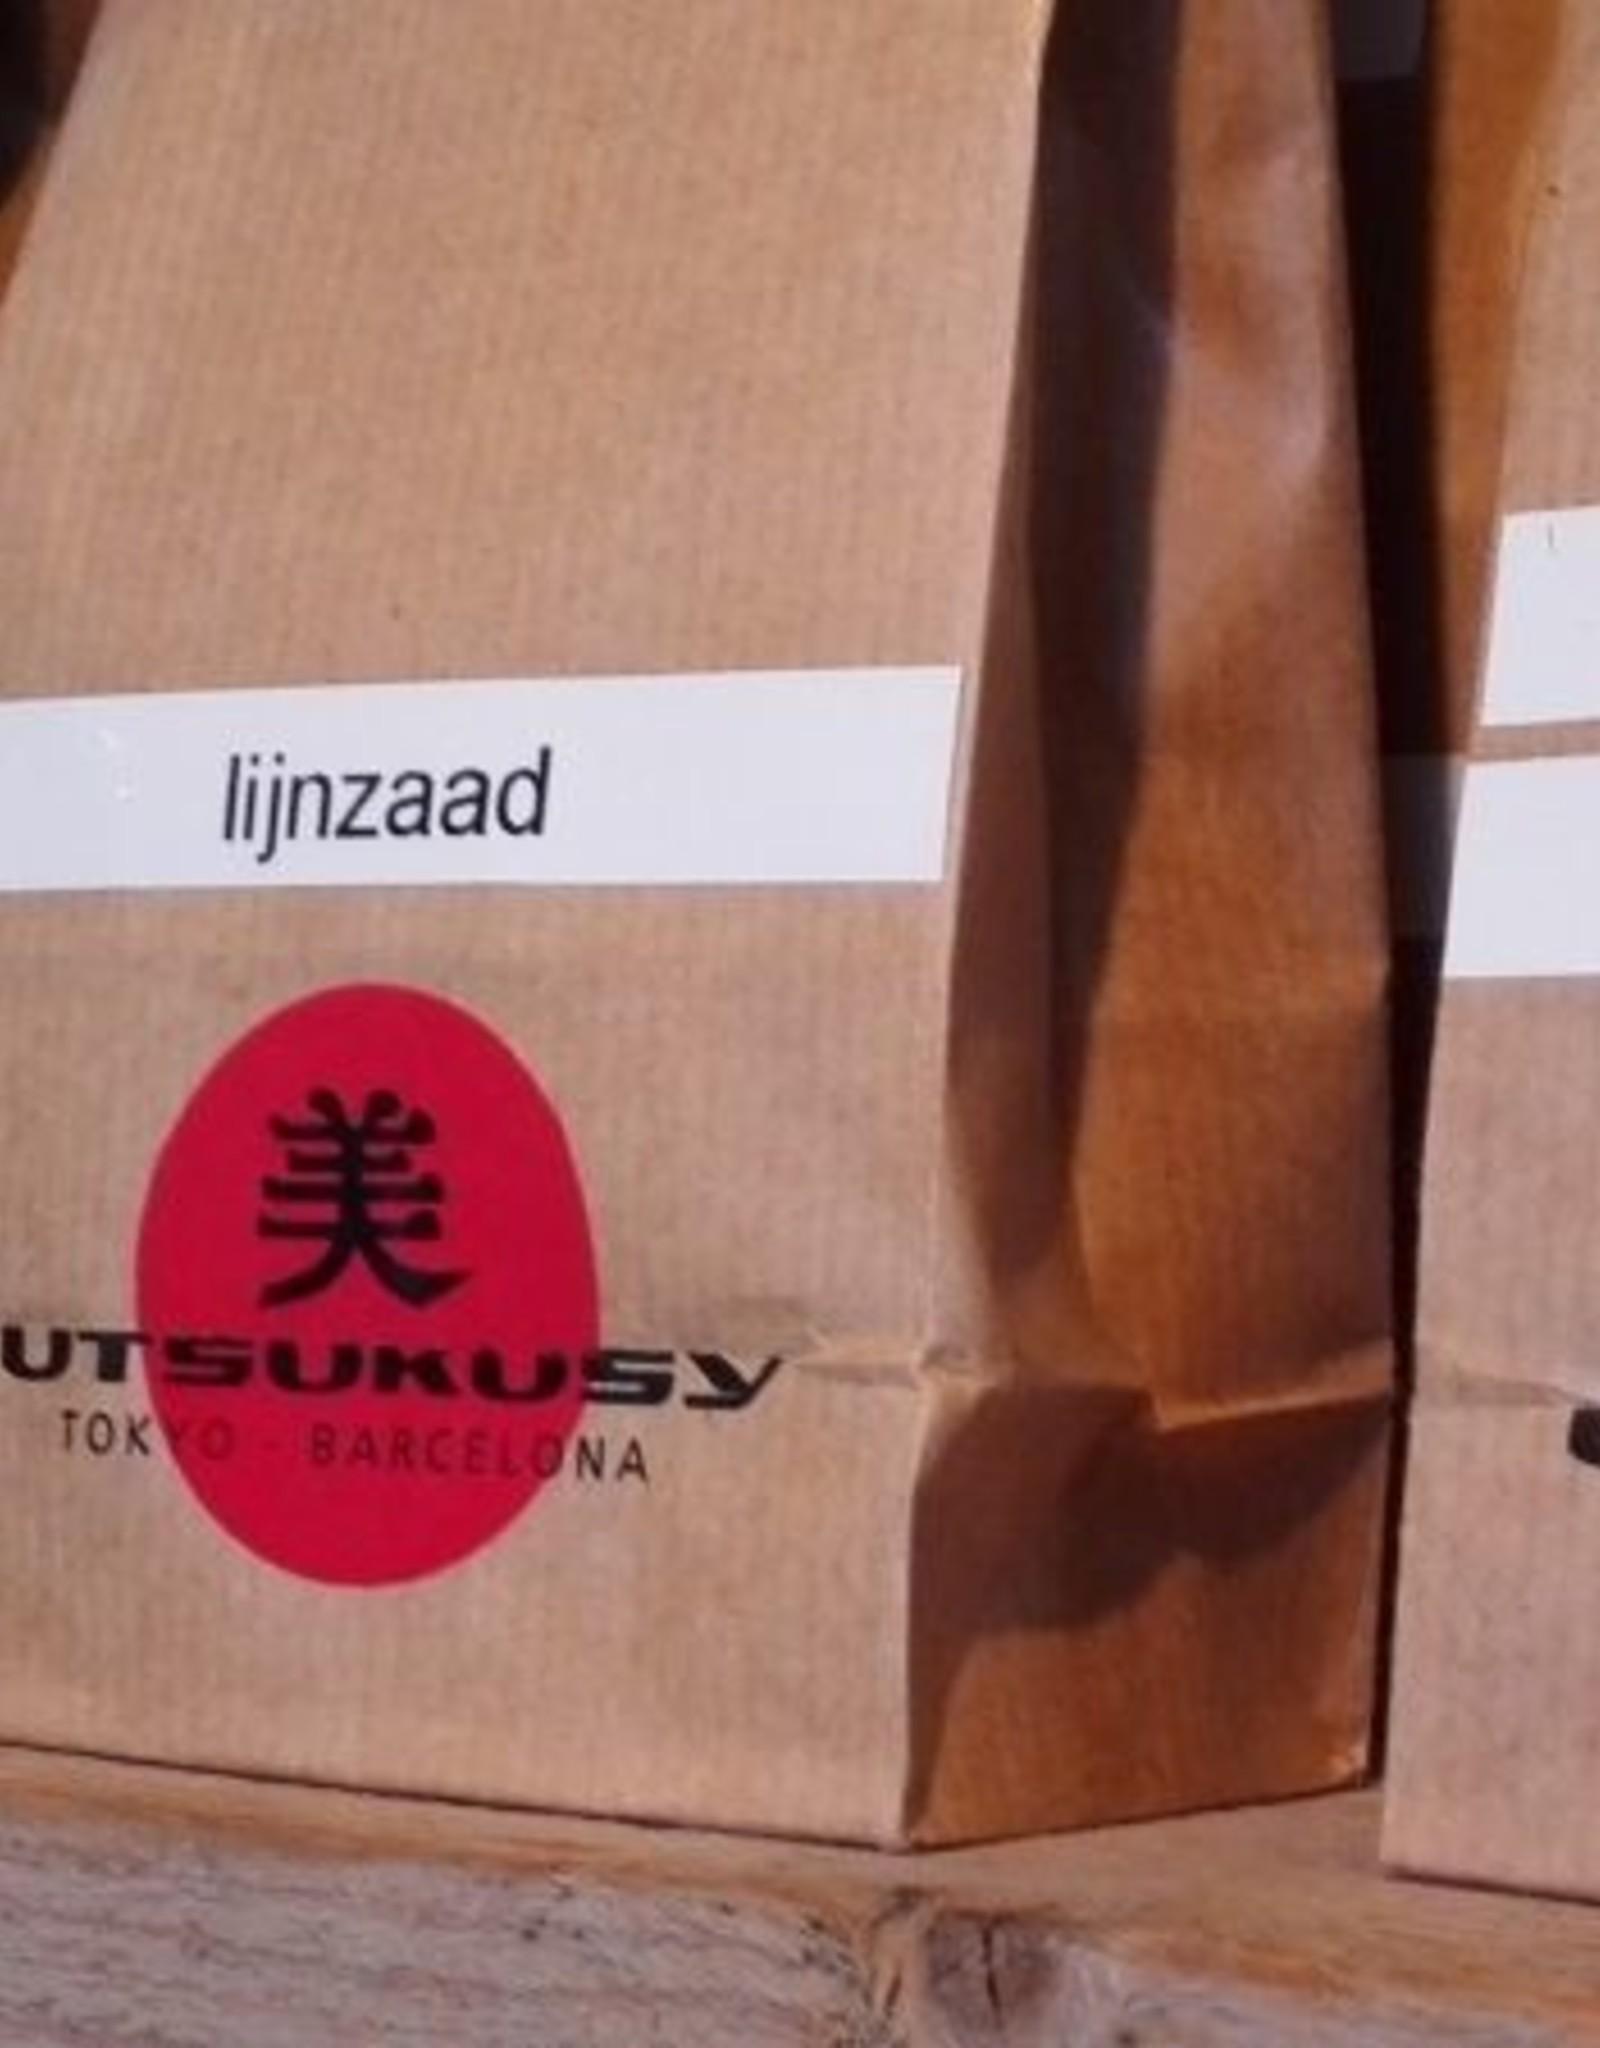 Utsukusy Thyme powder